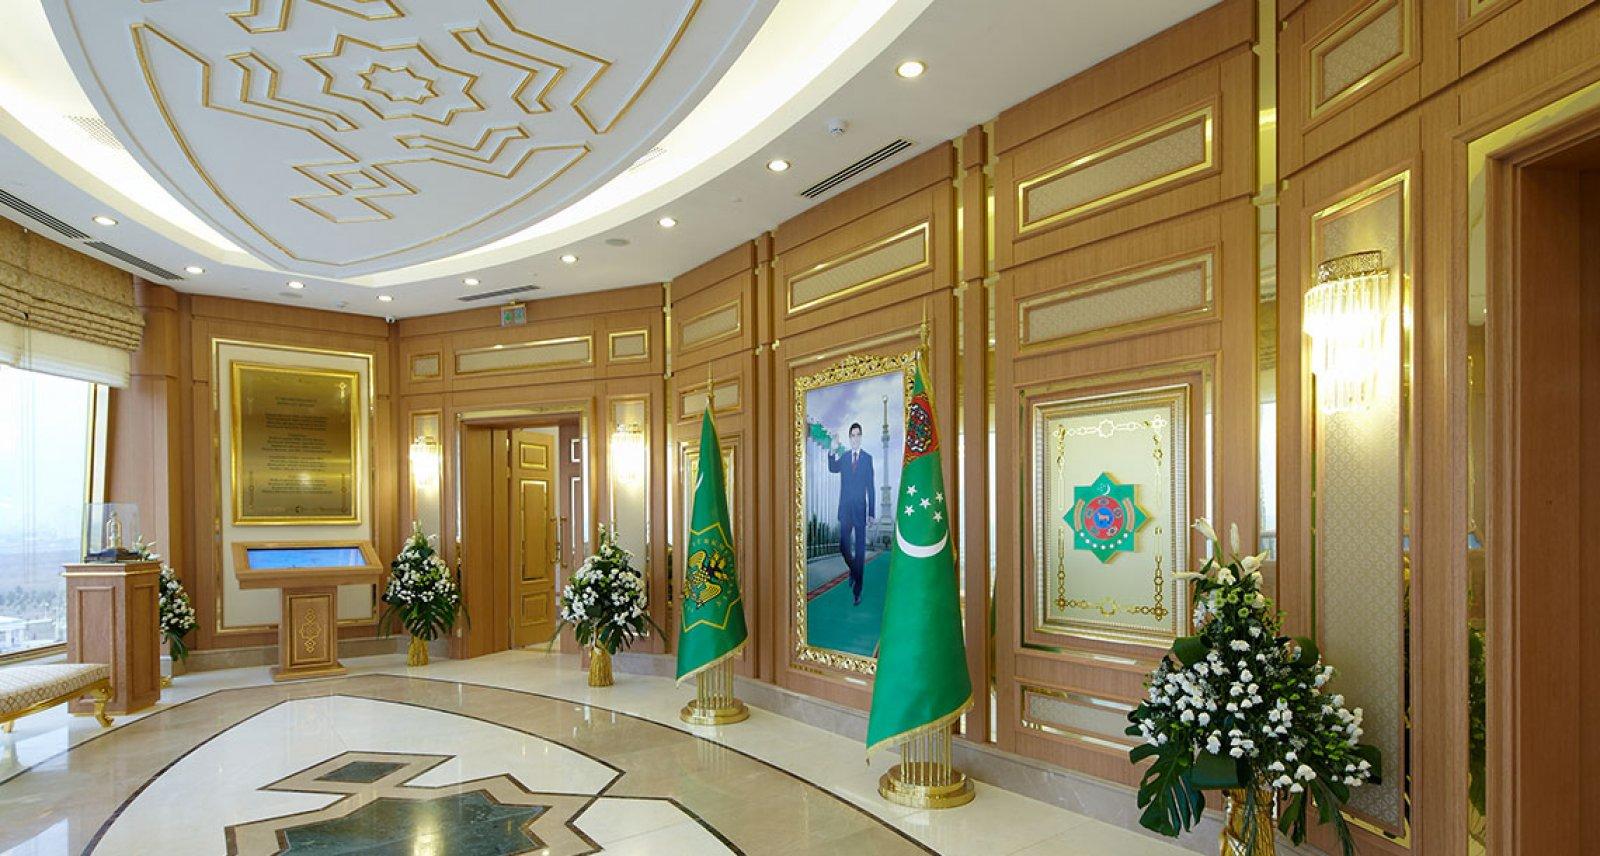 Tarafsızlık Anıtı, Türkmenistan